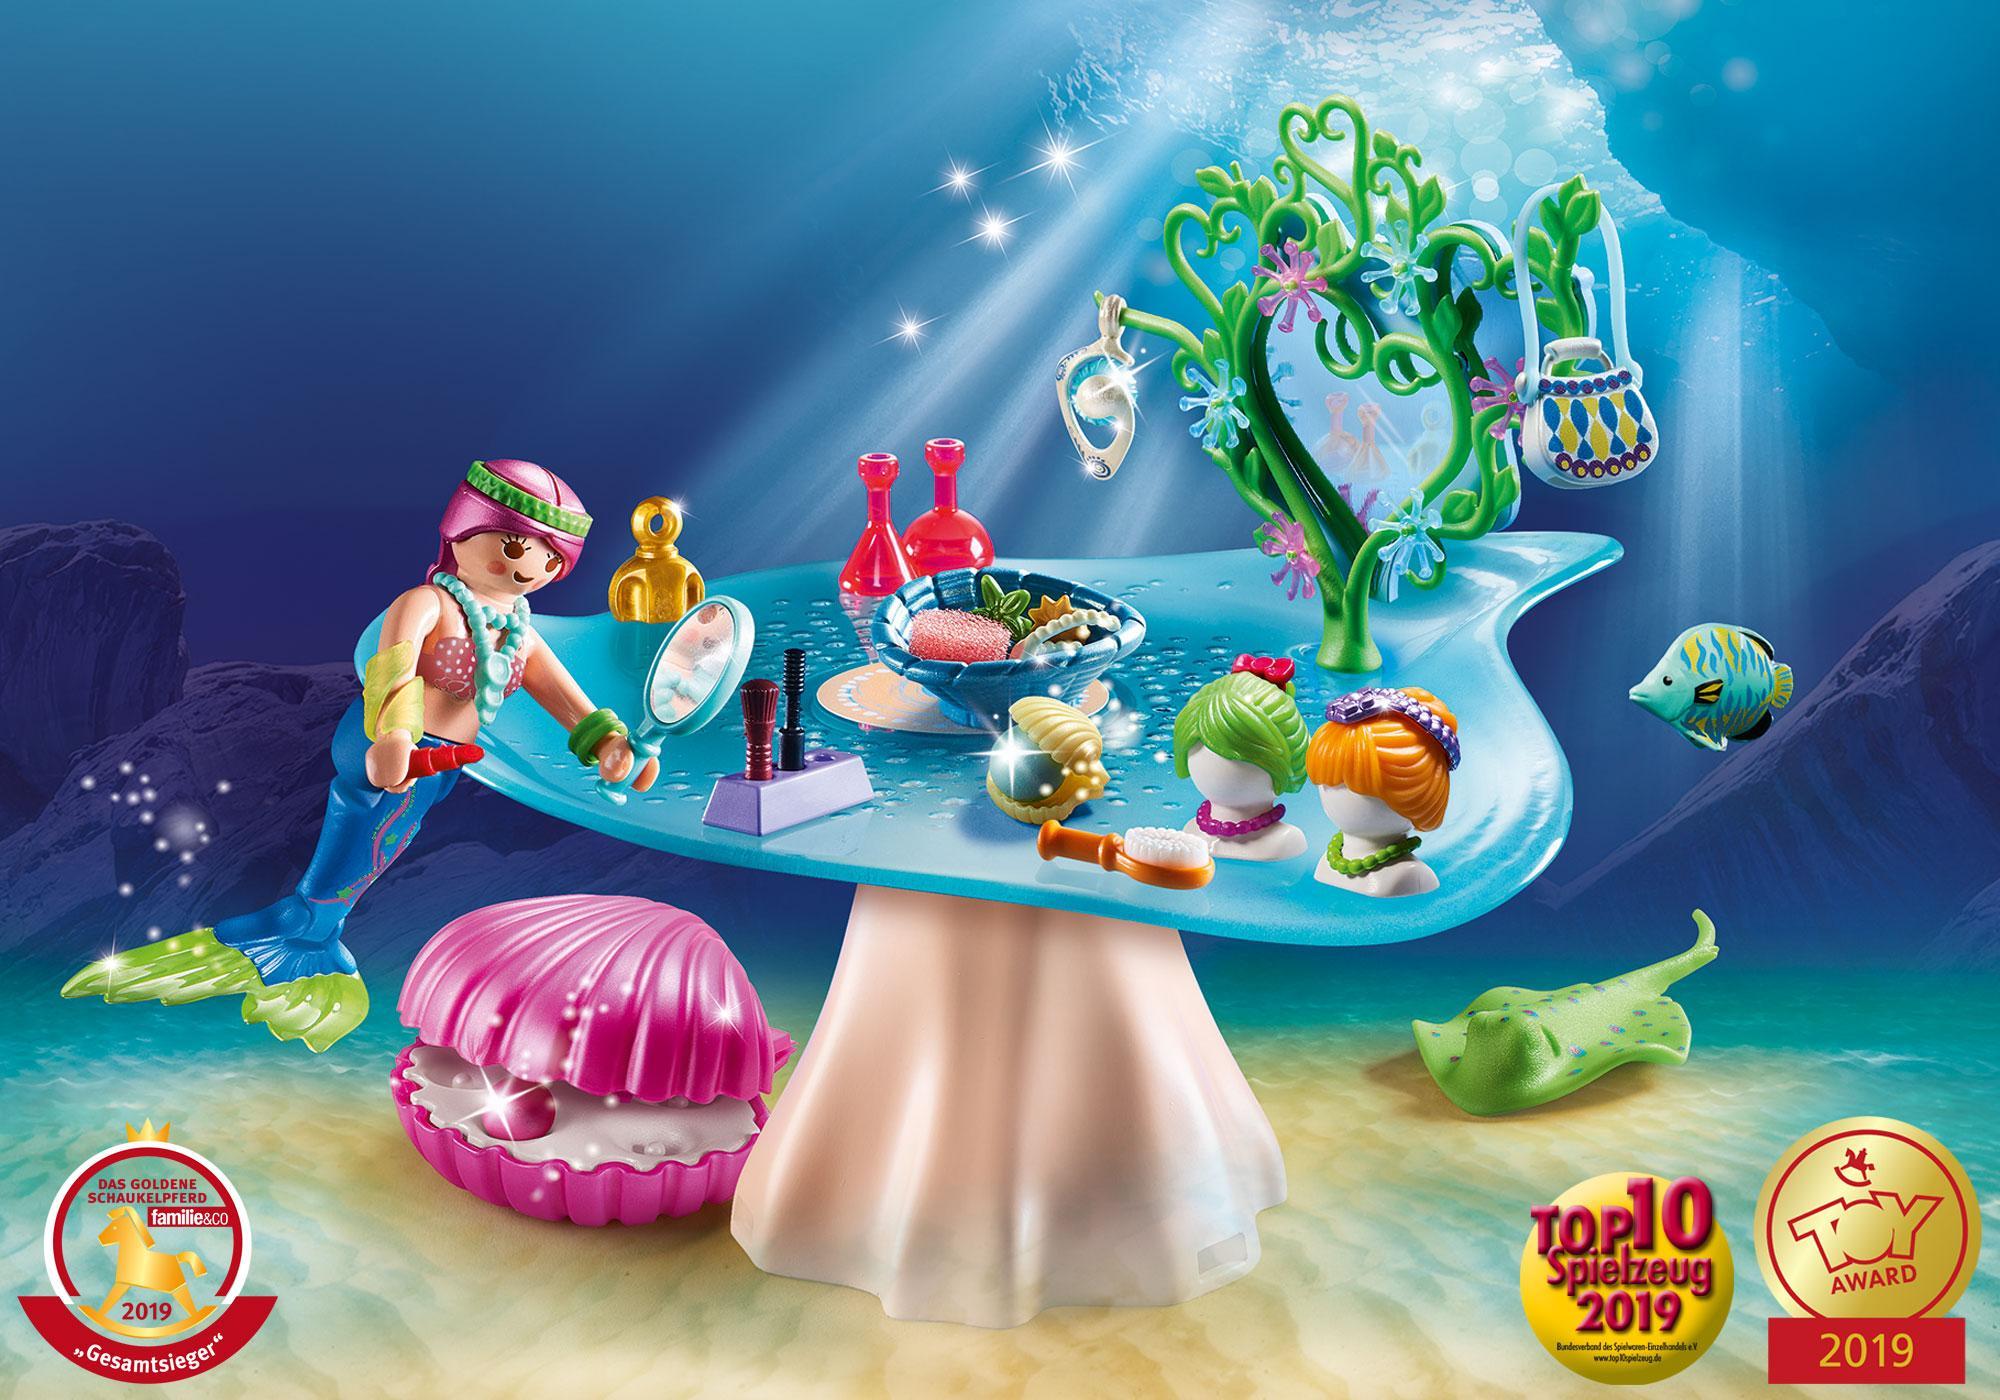 http://media.playmobil.com/i/playmobil/70096_product_detail/Schoonheidssalon met zeemeermin